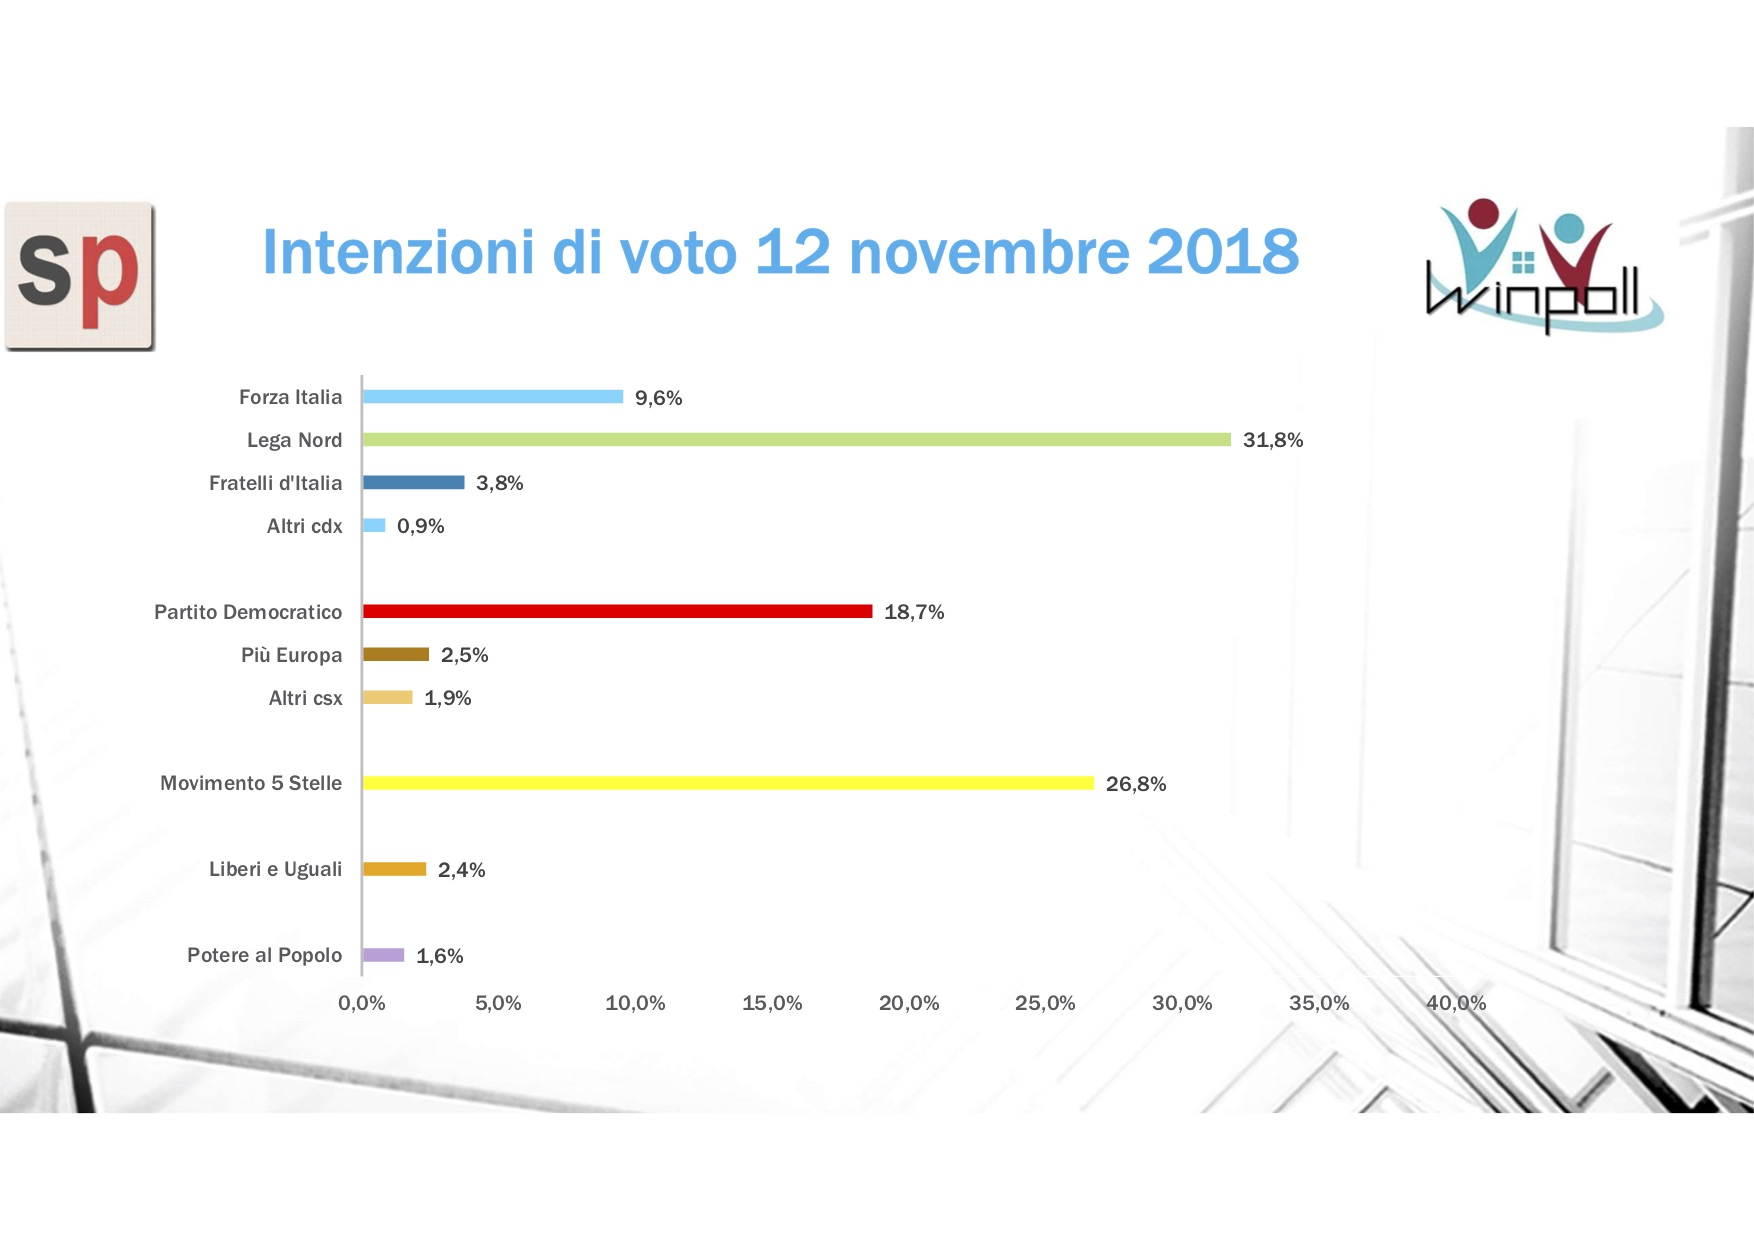 Sondaggio Scenari Politici - Winpoll (12 novembre 2018)